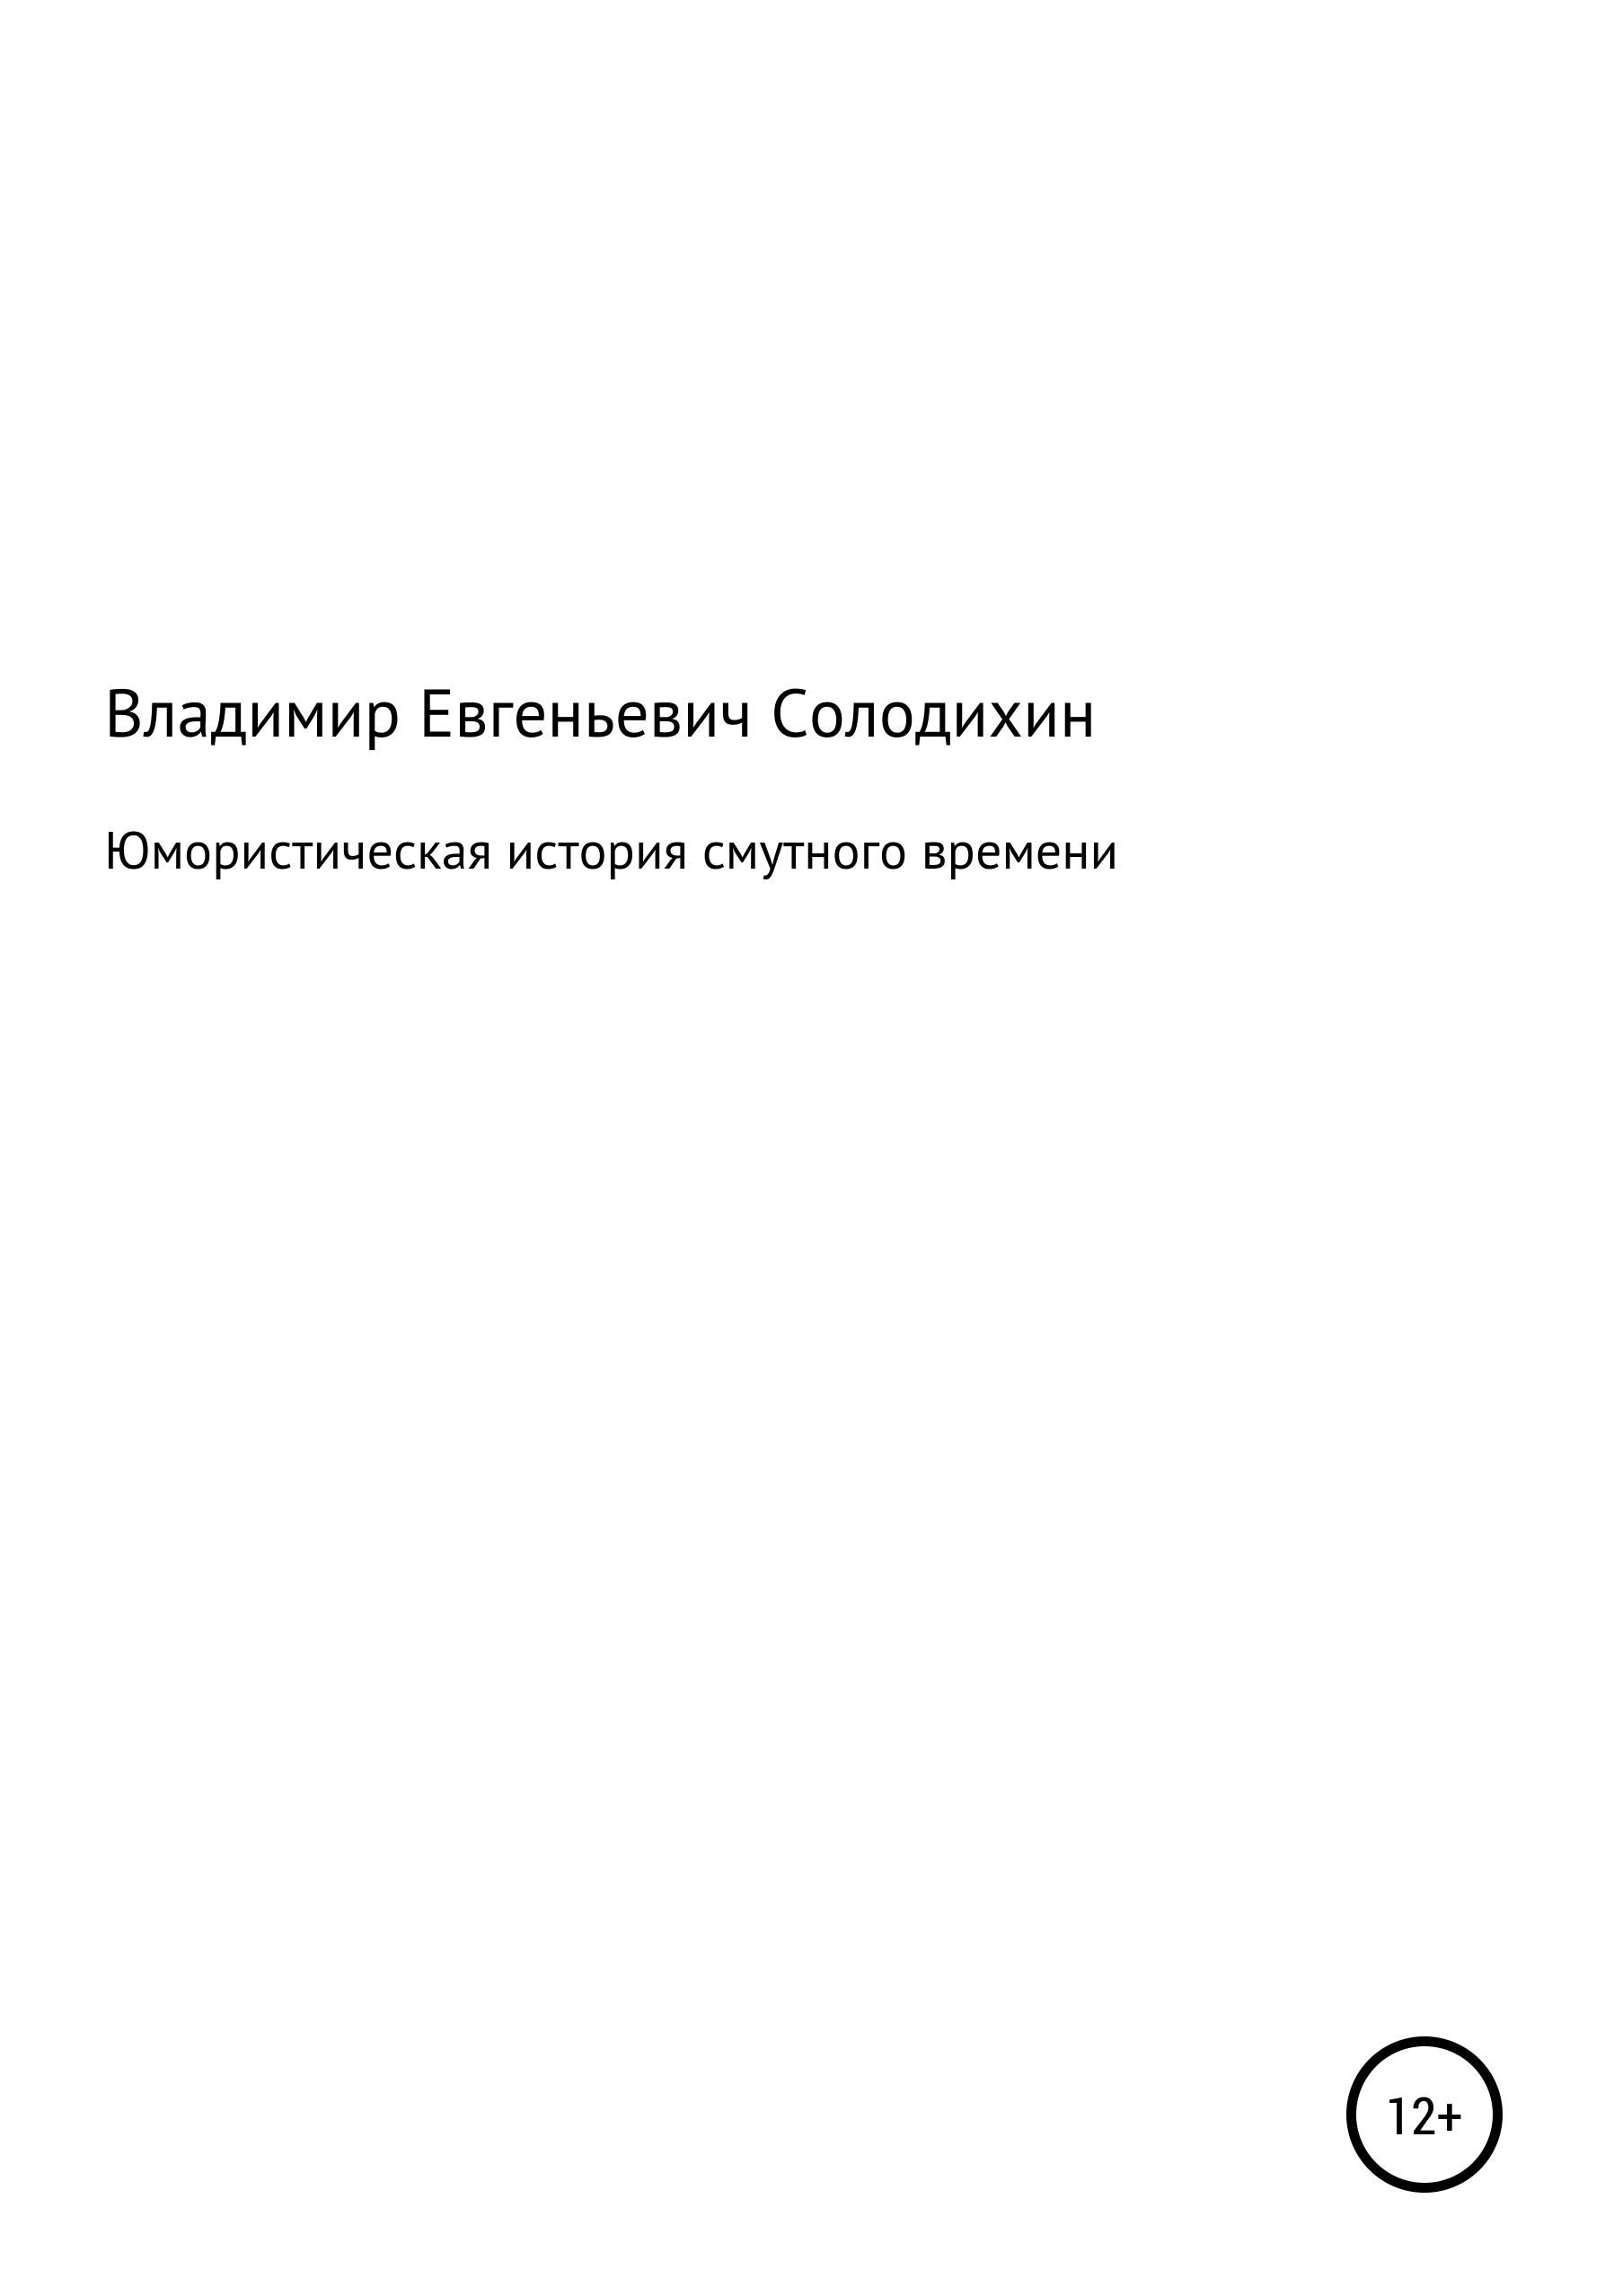 Владимир Солодихин - Юмористическая история смутного времени